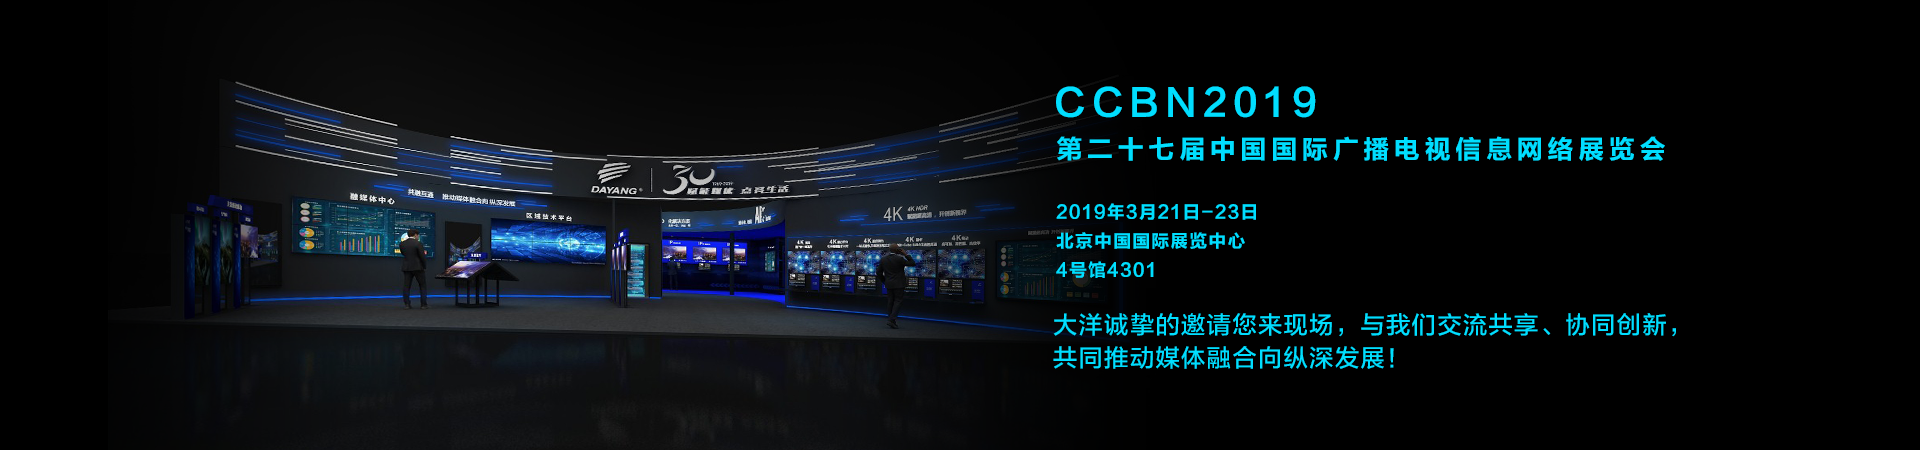 万博manbetx官网CCBN2019邀请函丨赋能媒体 点亮生活